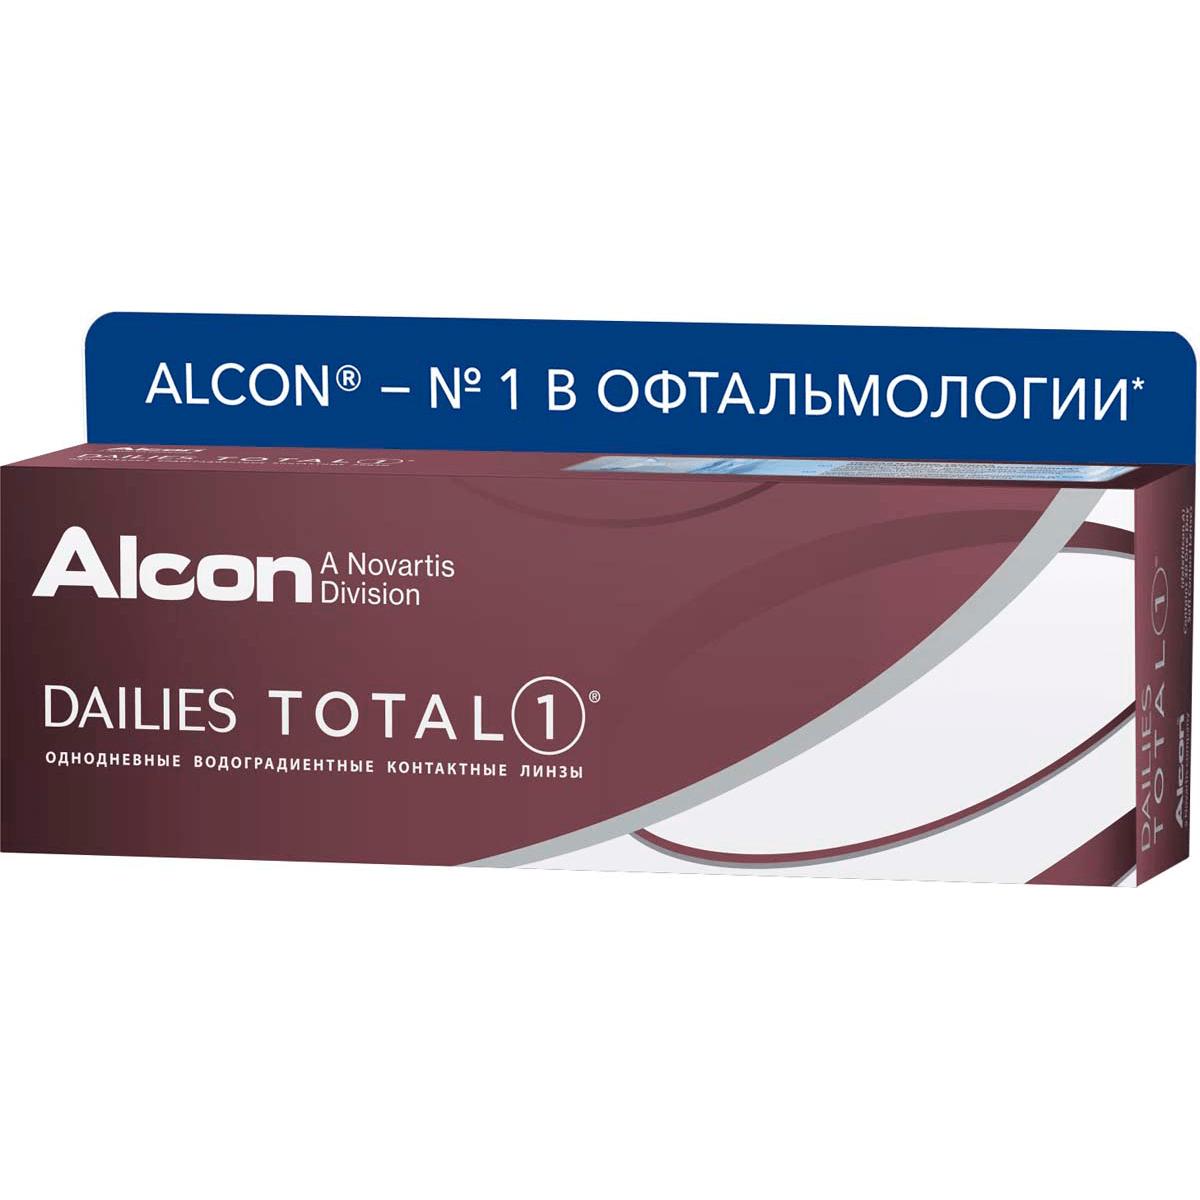 alcon-total1-squad